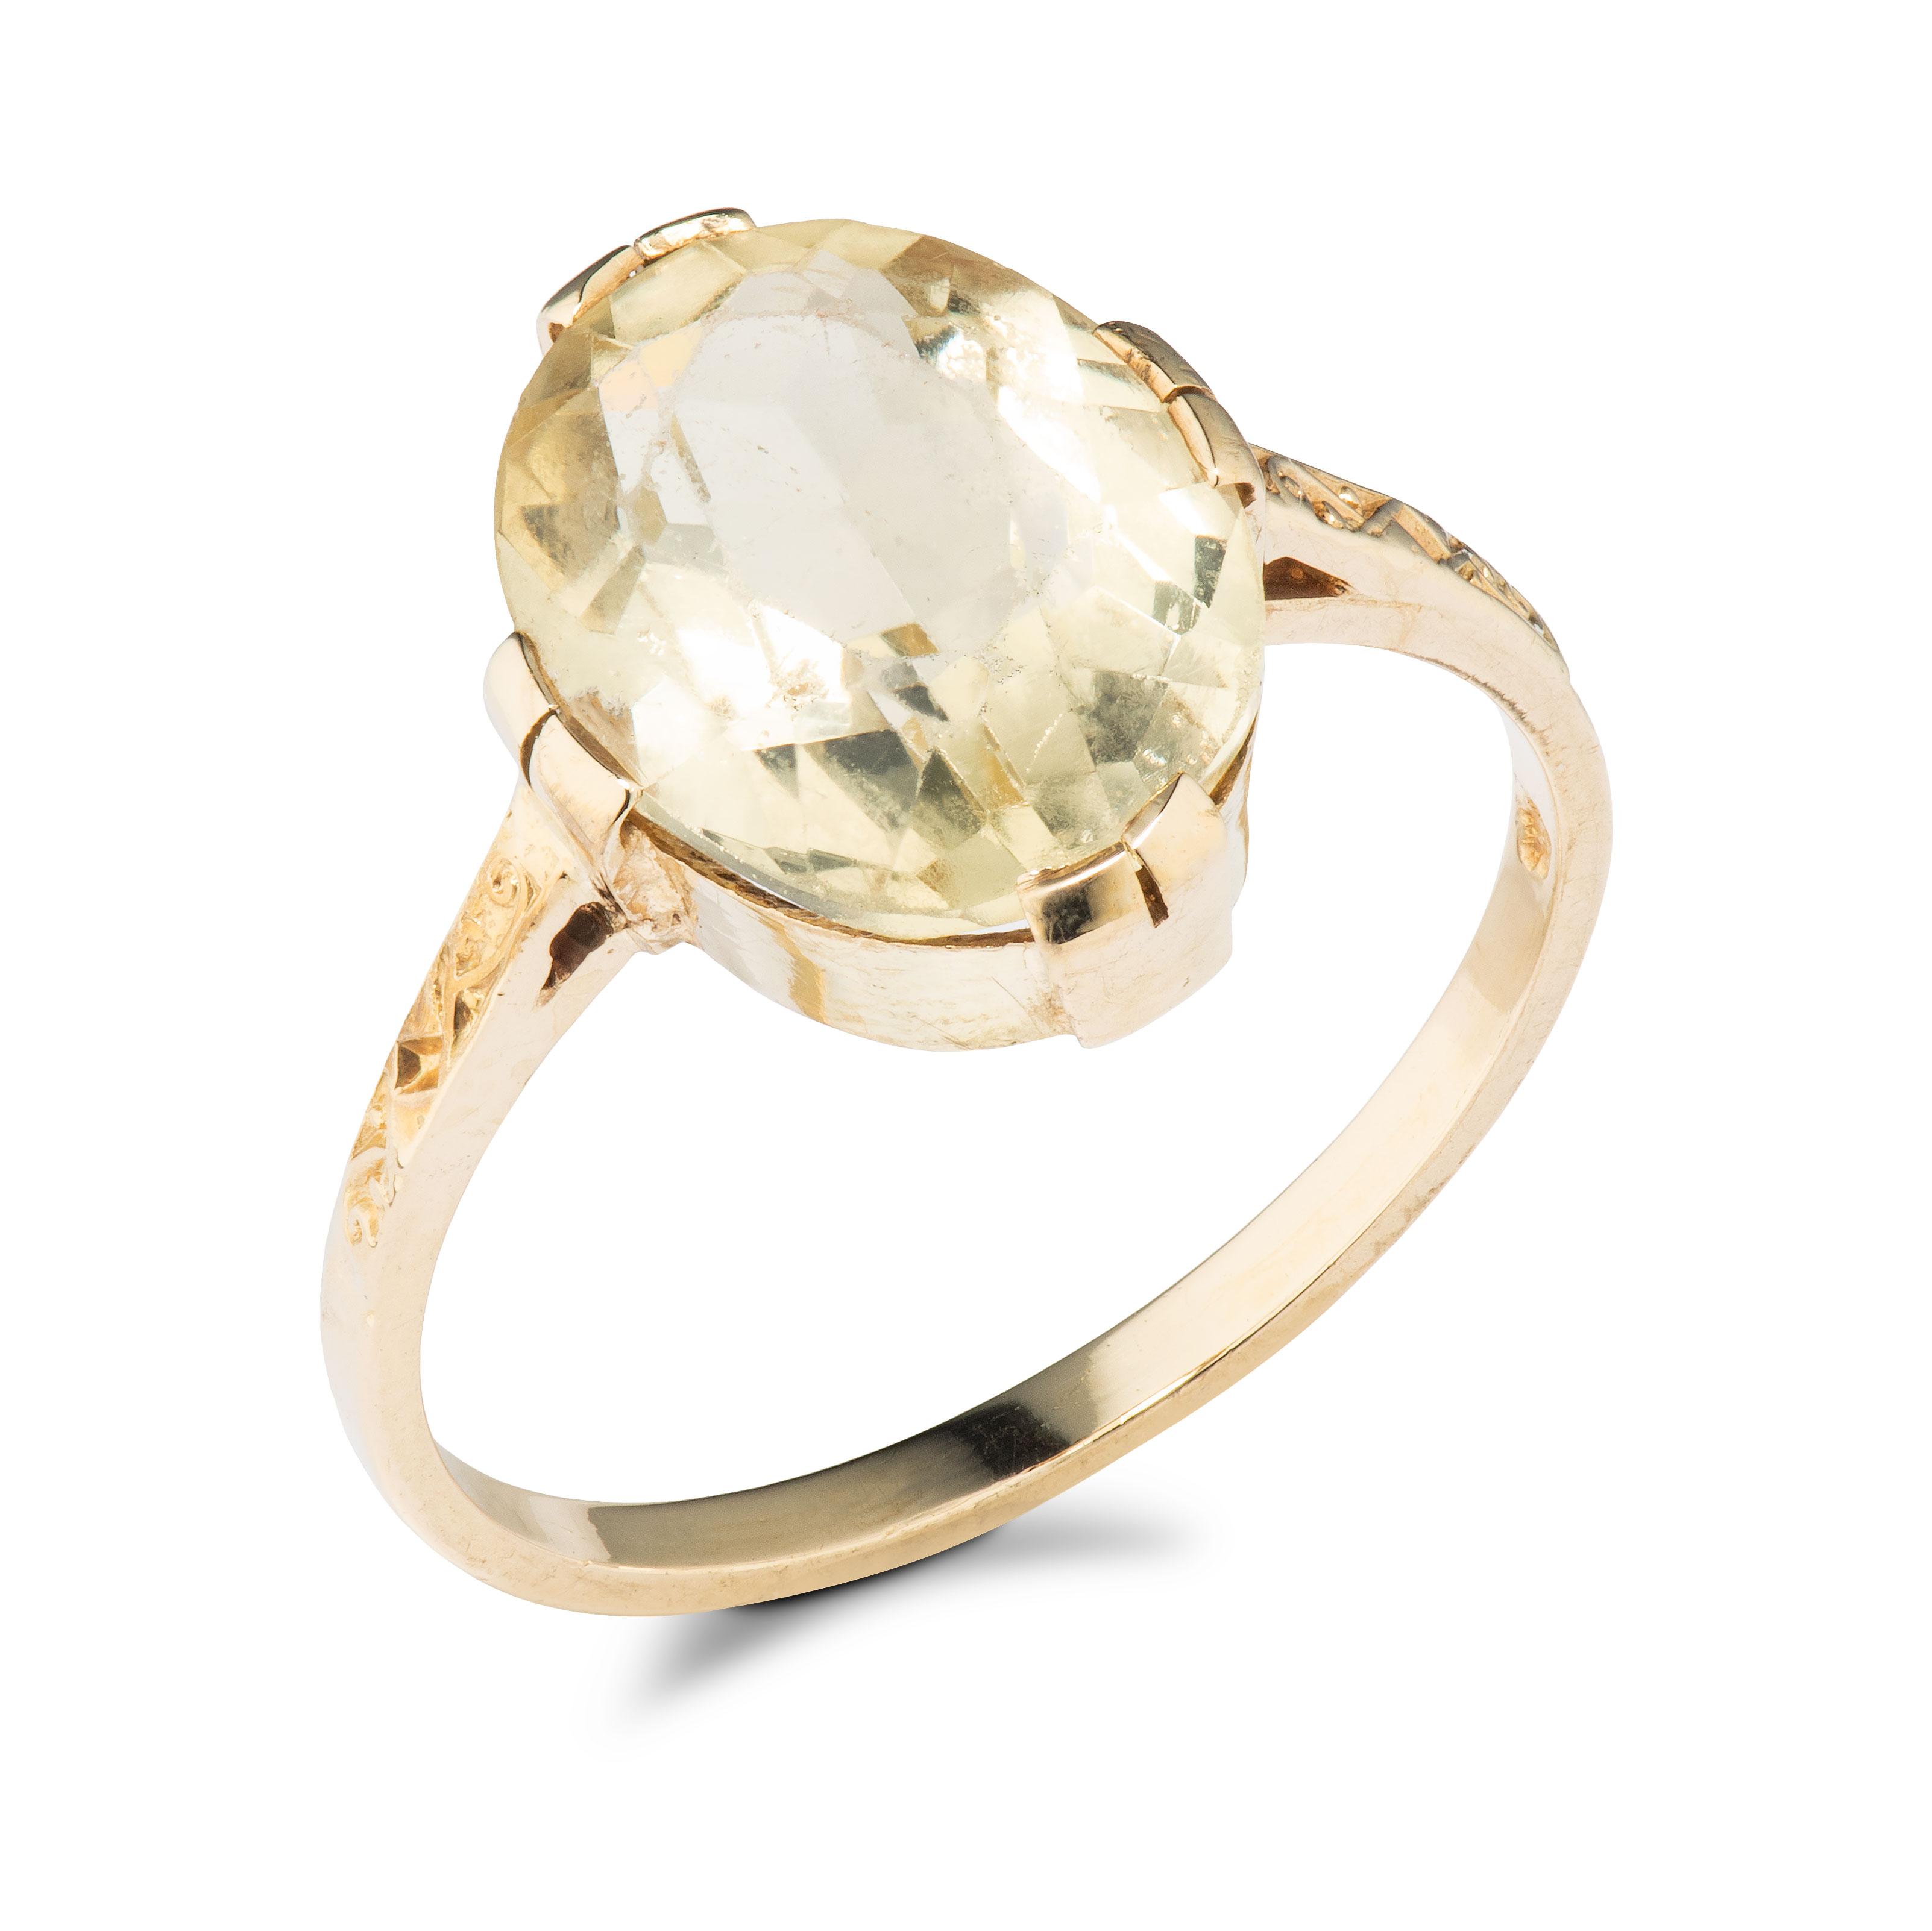 Hroar Prydz ring, gult gull, røkkvarts